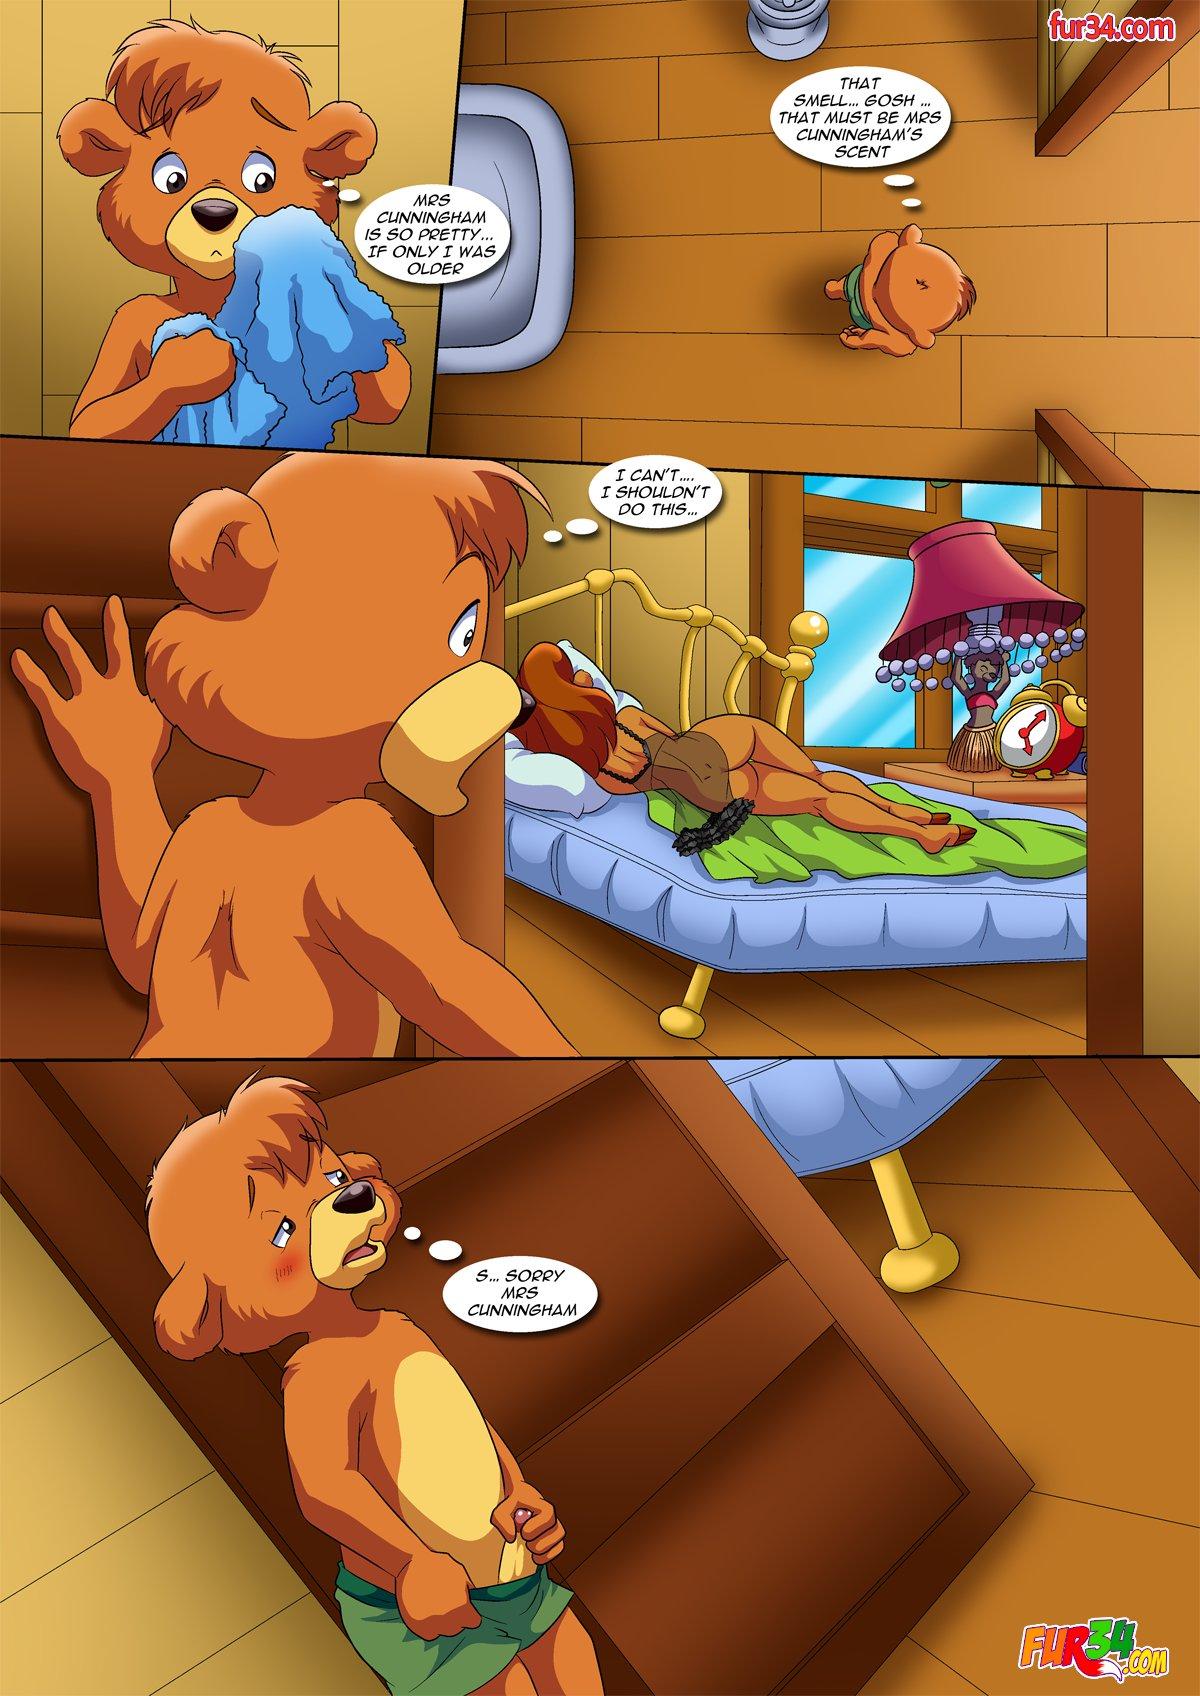 furry cub nude